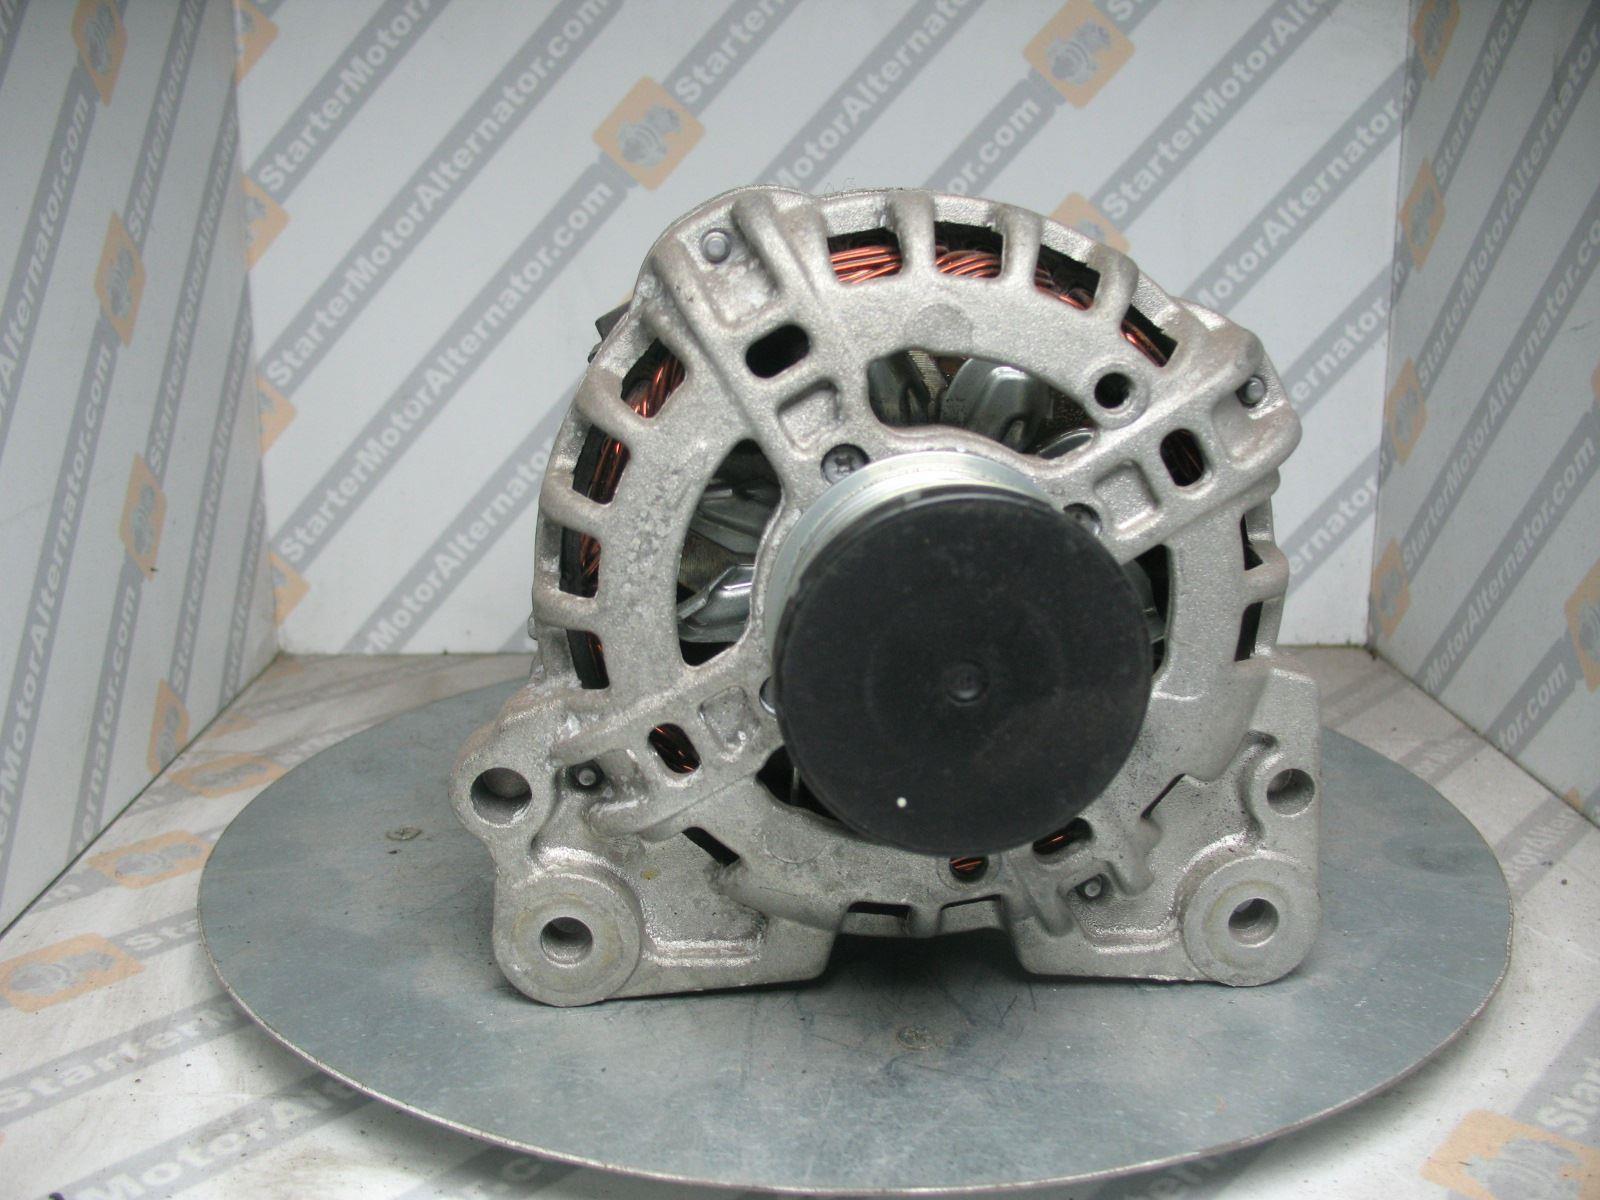 XIK3860 Alternator For Seat / Skoda / Volkswagen